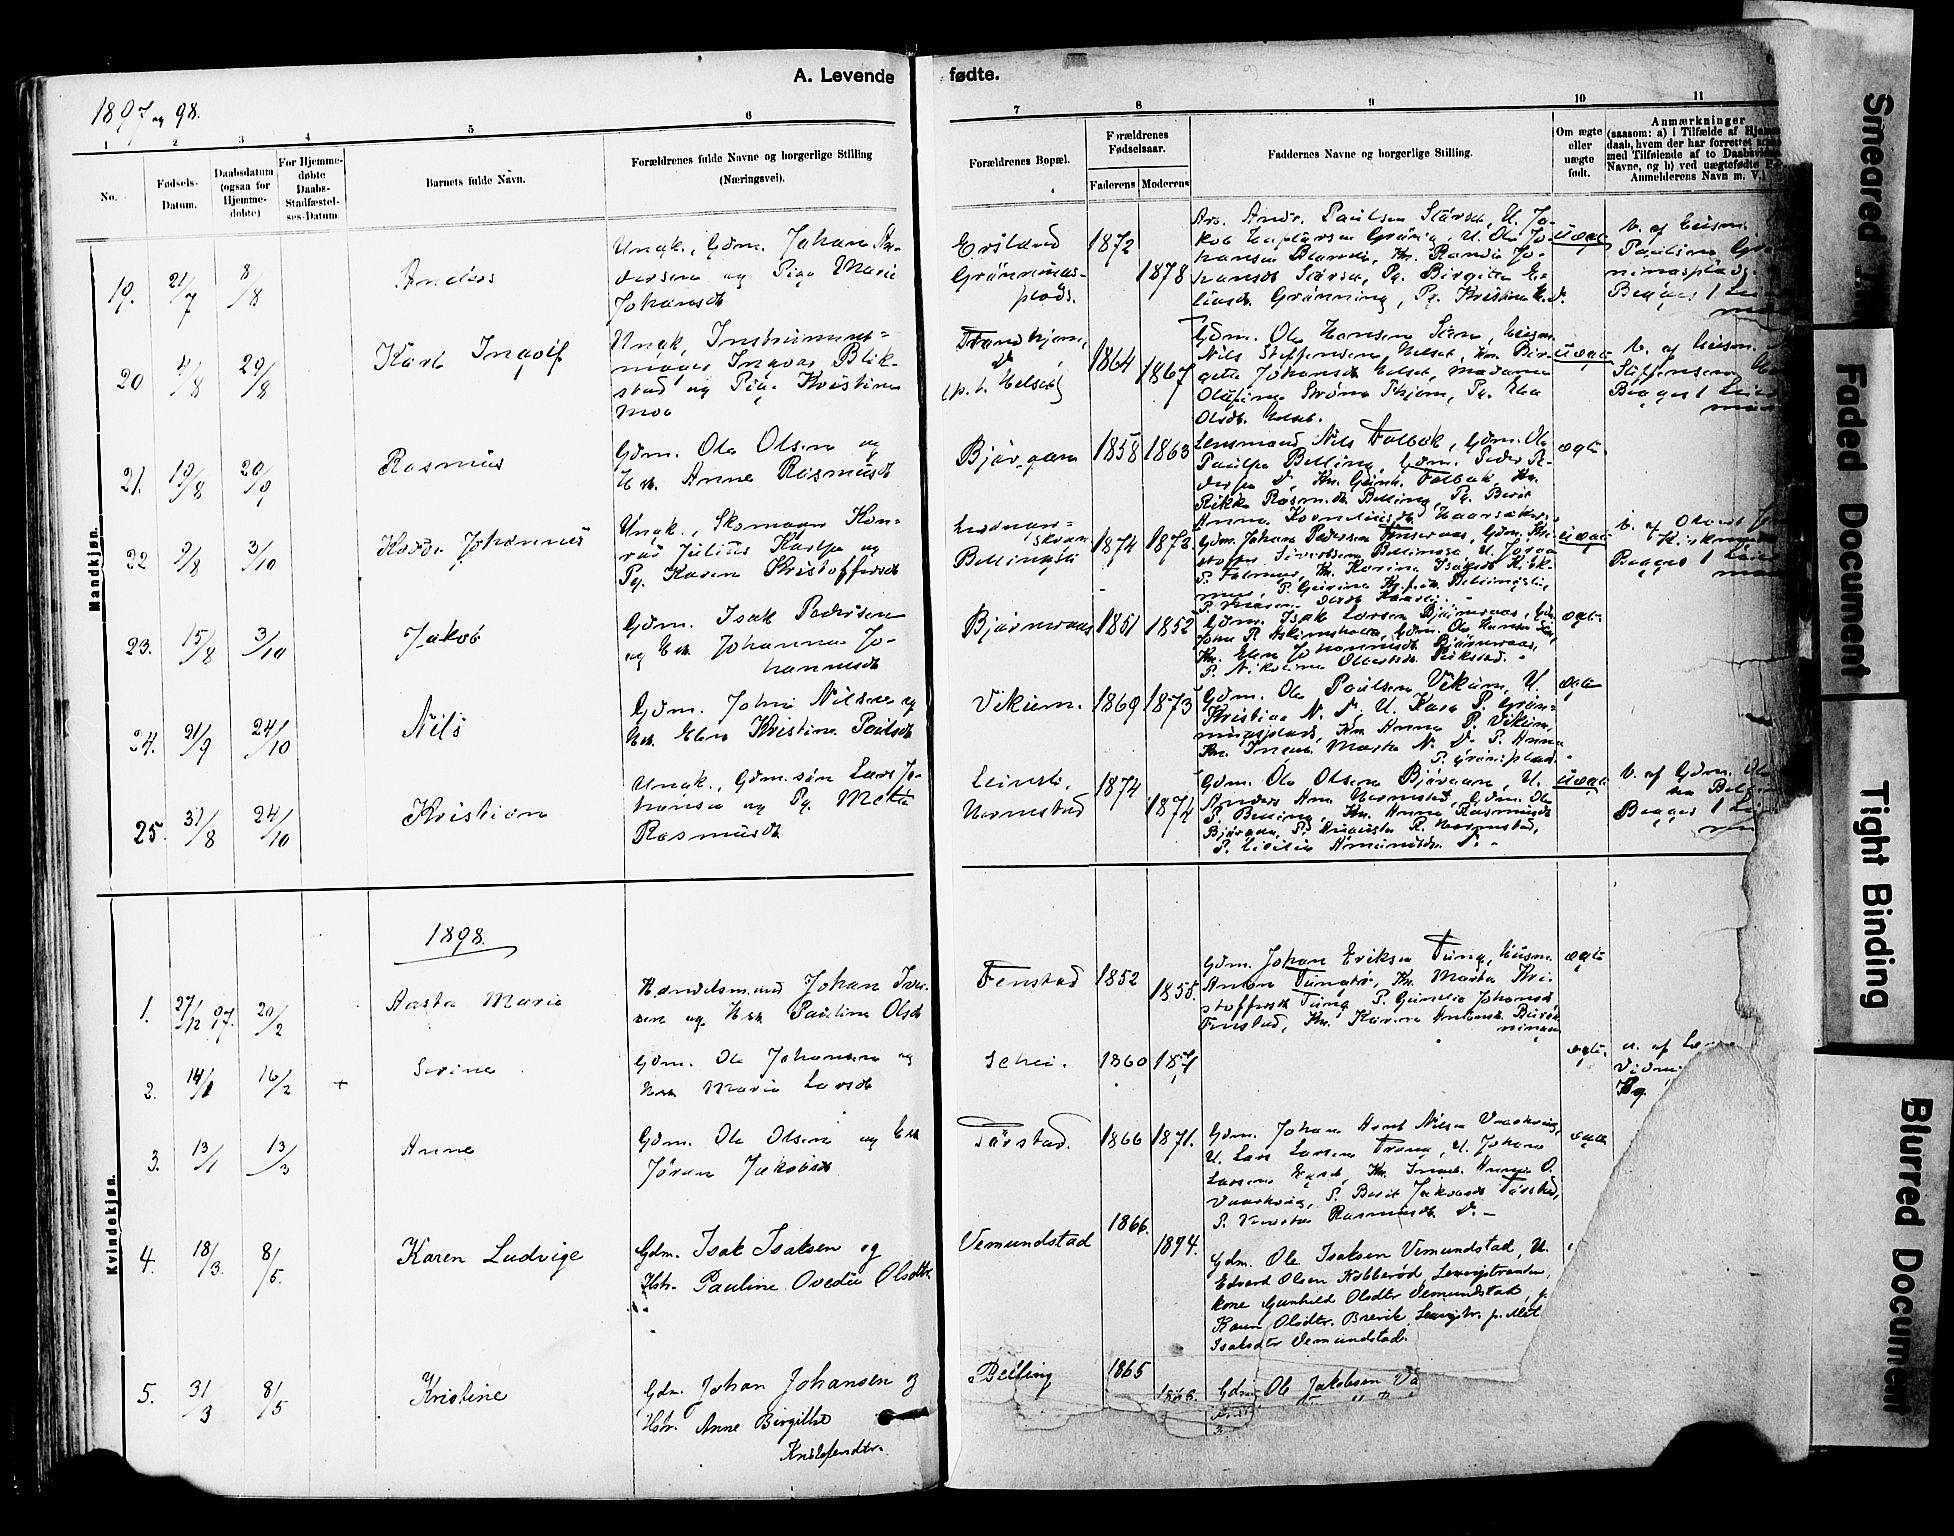 SAT, Ministerialprotokoller, klokkerbøker og fødselsregistre - Sør-Trøndelag, 646/L0615: Ministerialbok nr. 646A13, 1885-1900, s. 54